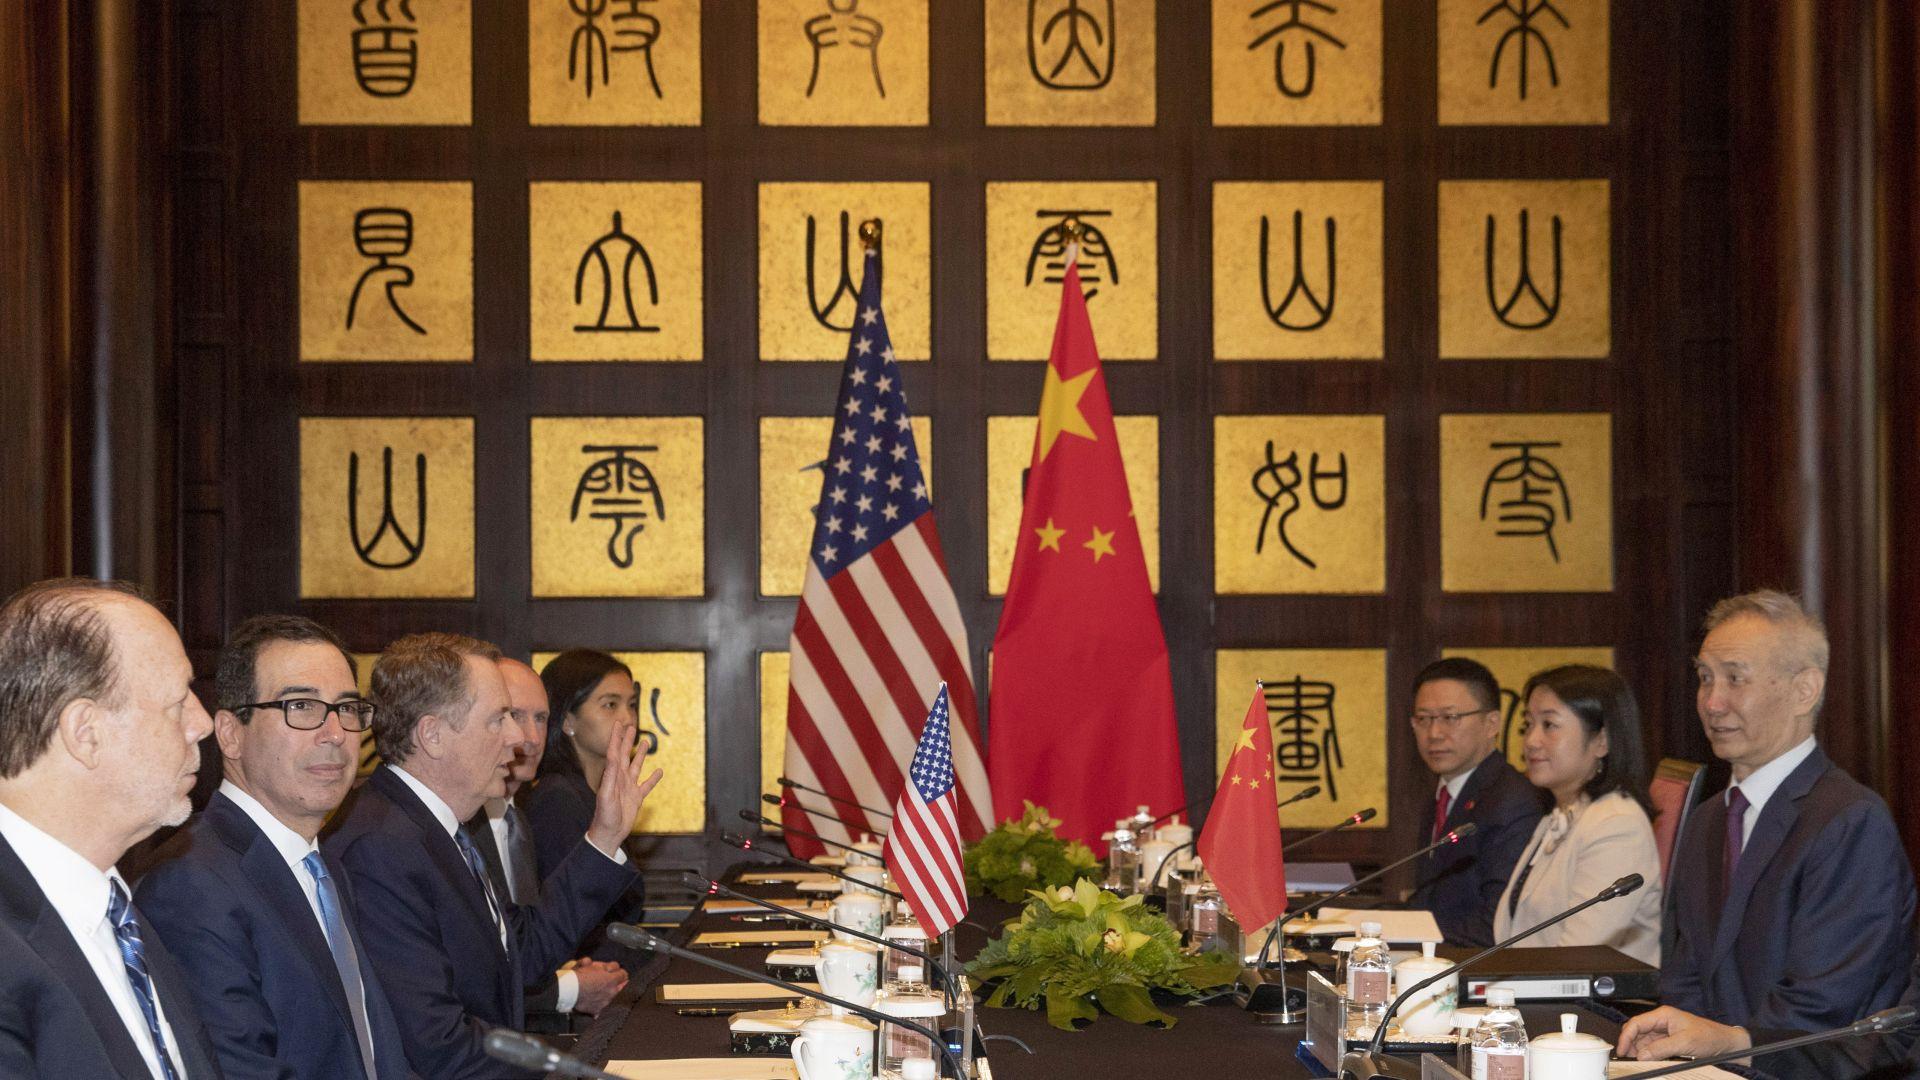 САЩ и Китай приключиха търговските преговори в Шанхай, нови разговори през септември